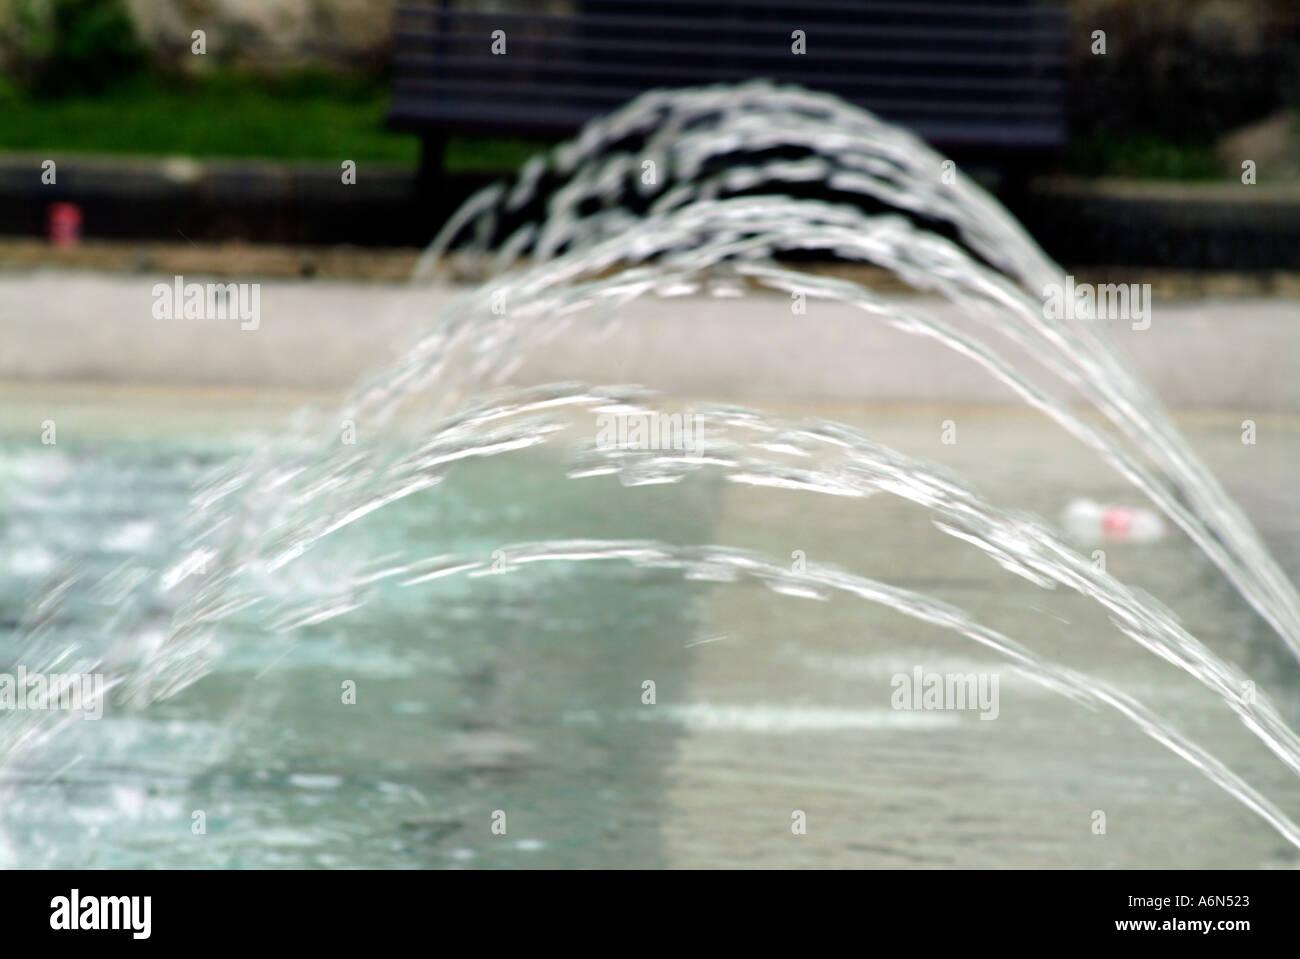 Wasser-Brunnen Spray Spritzen Blase Spritzen H2O-Tropfen Stockbild